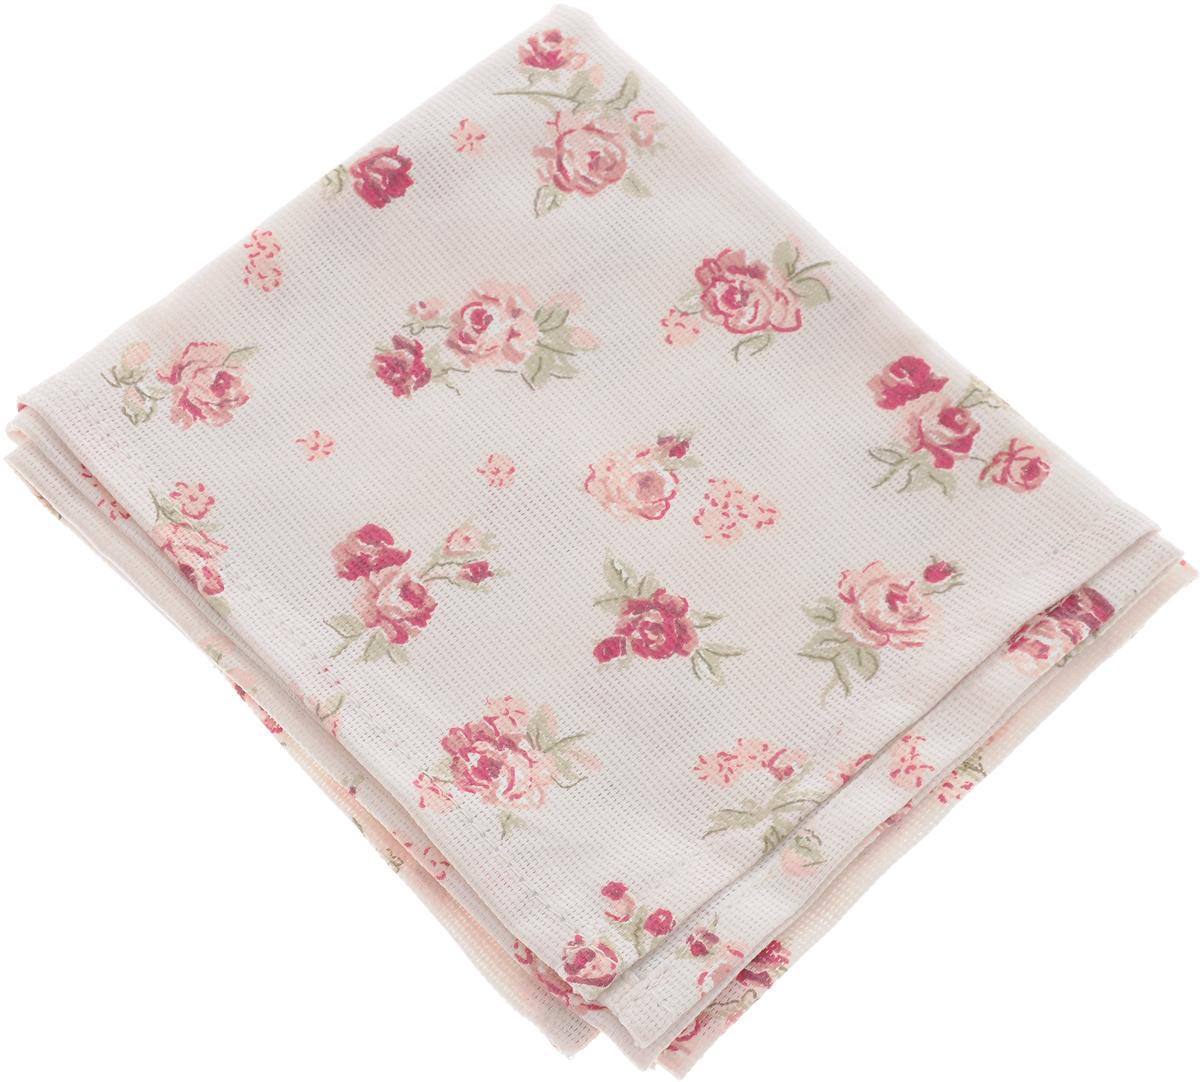 Полотенце кухонное Bonita Розы, цвет: кремовый, красный, 35 x 61 см полотенце кухонное bonita калинка цвет белый красный желтый зеленый 35 х 61 см